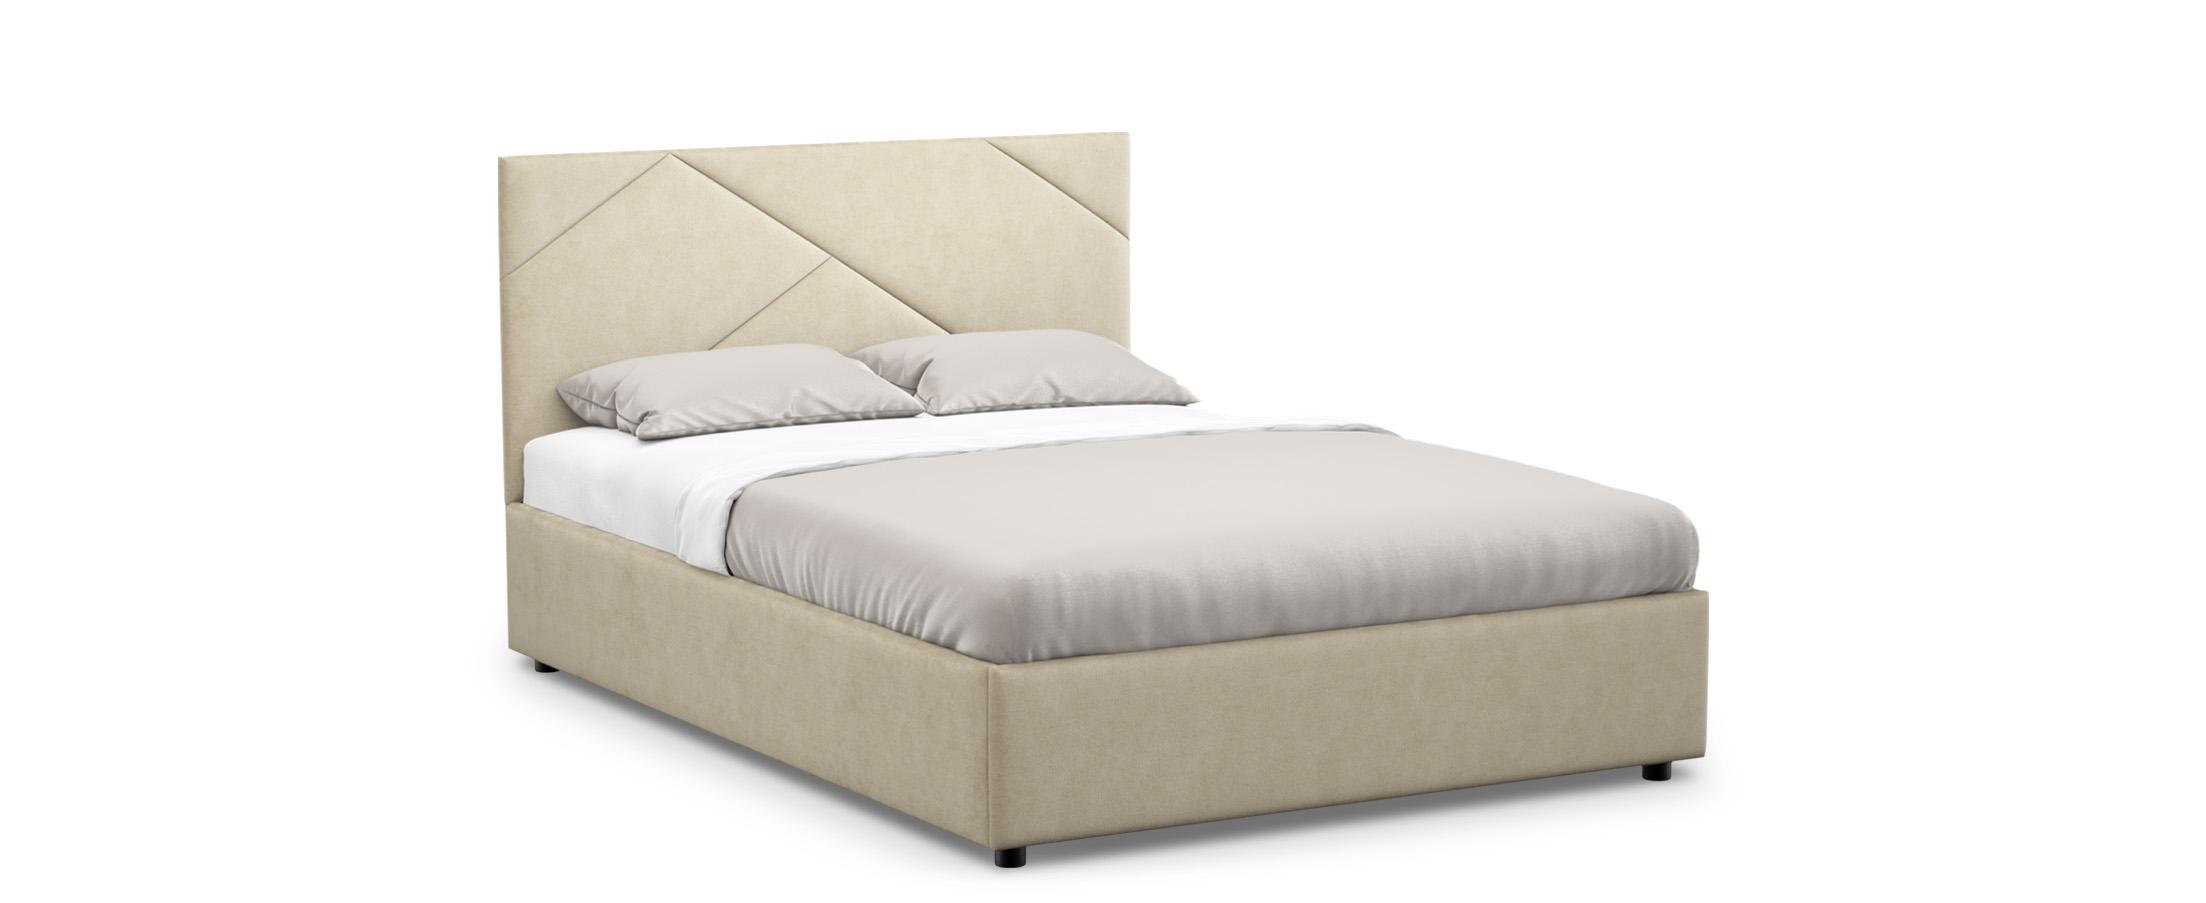 Кровать двуспальная Alba New 140х200 Модель 1226 фото